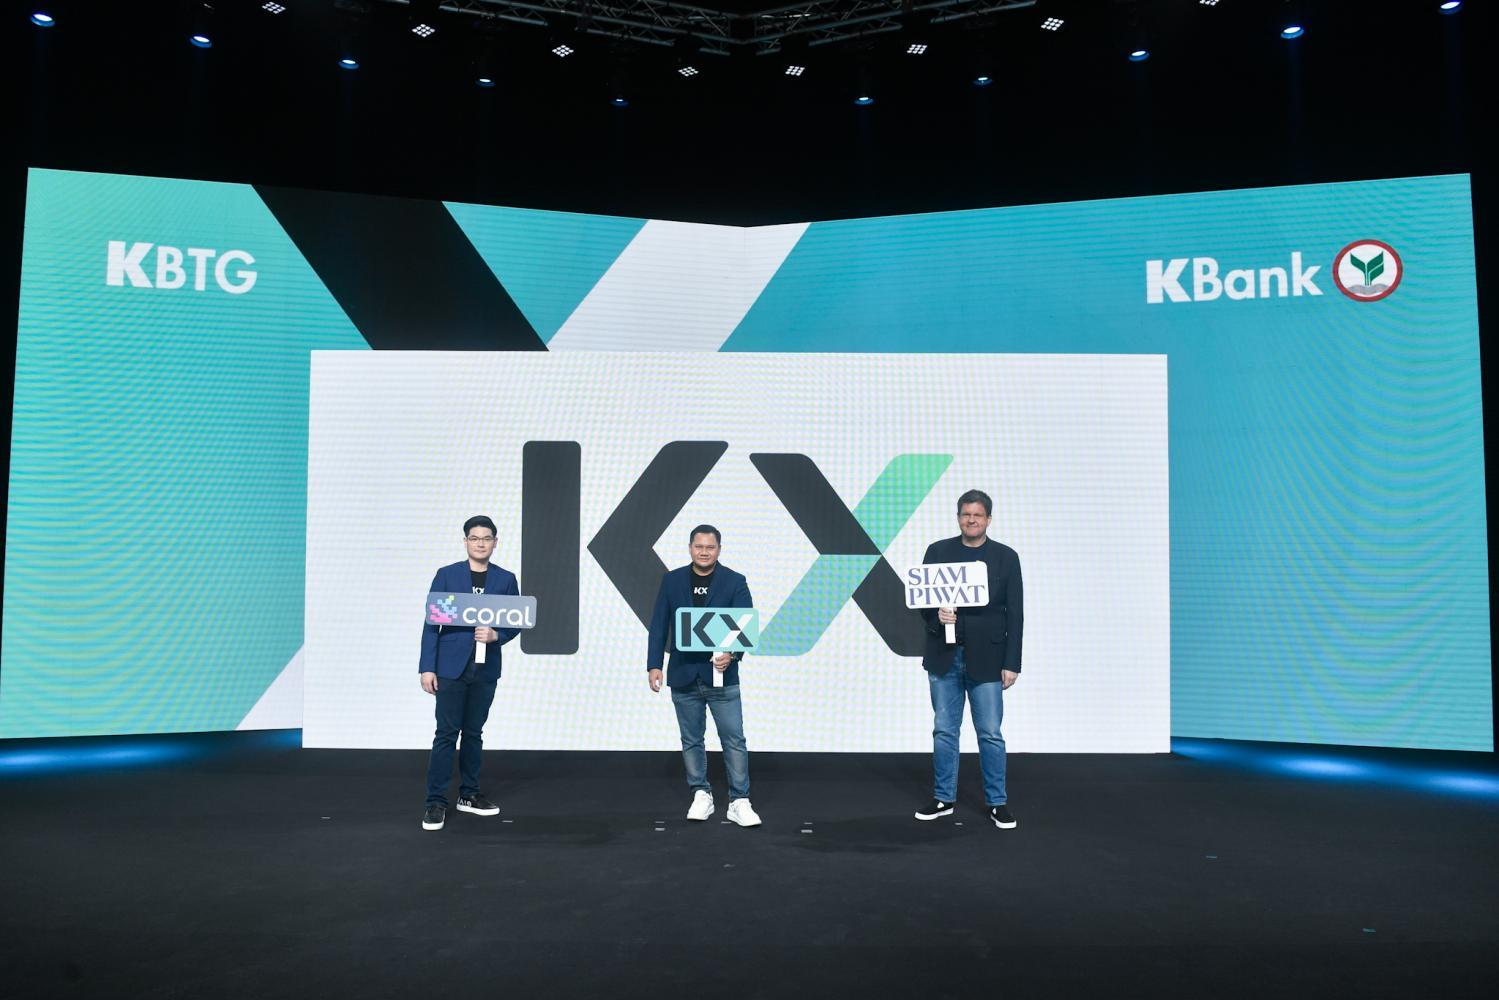 Kasikorn launches tech venture builder